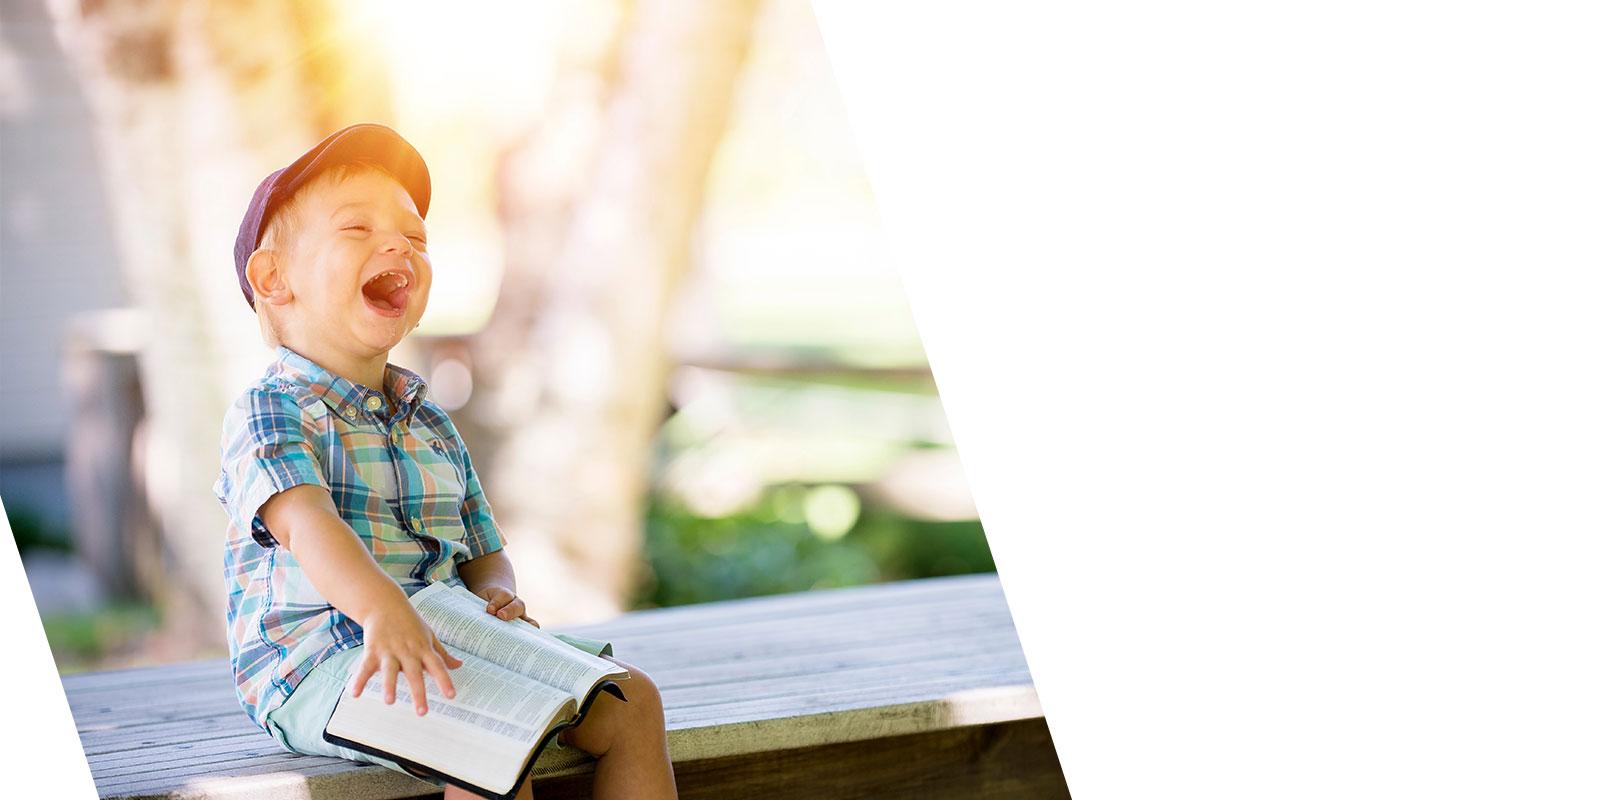 kleiner Junge mit Mütze und Buch lachend